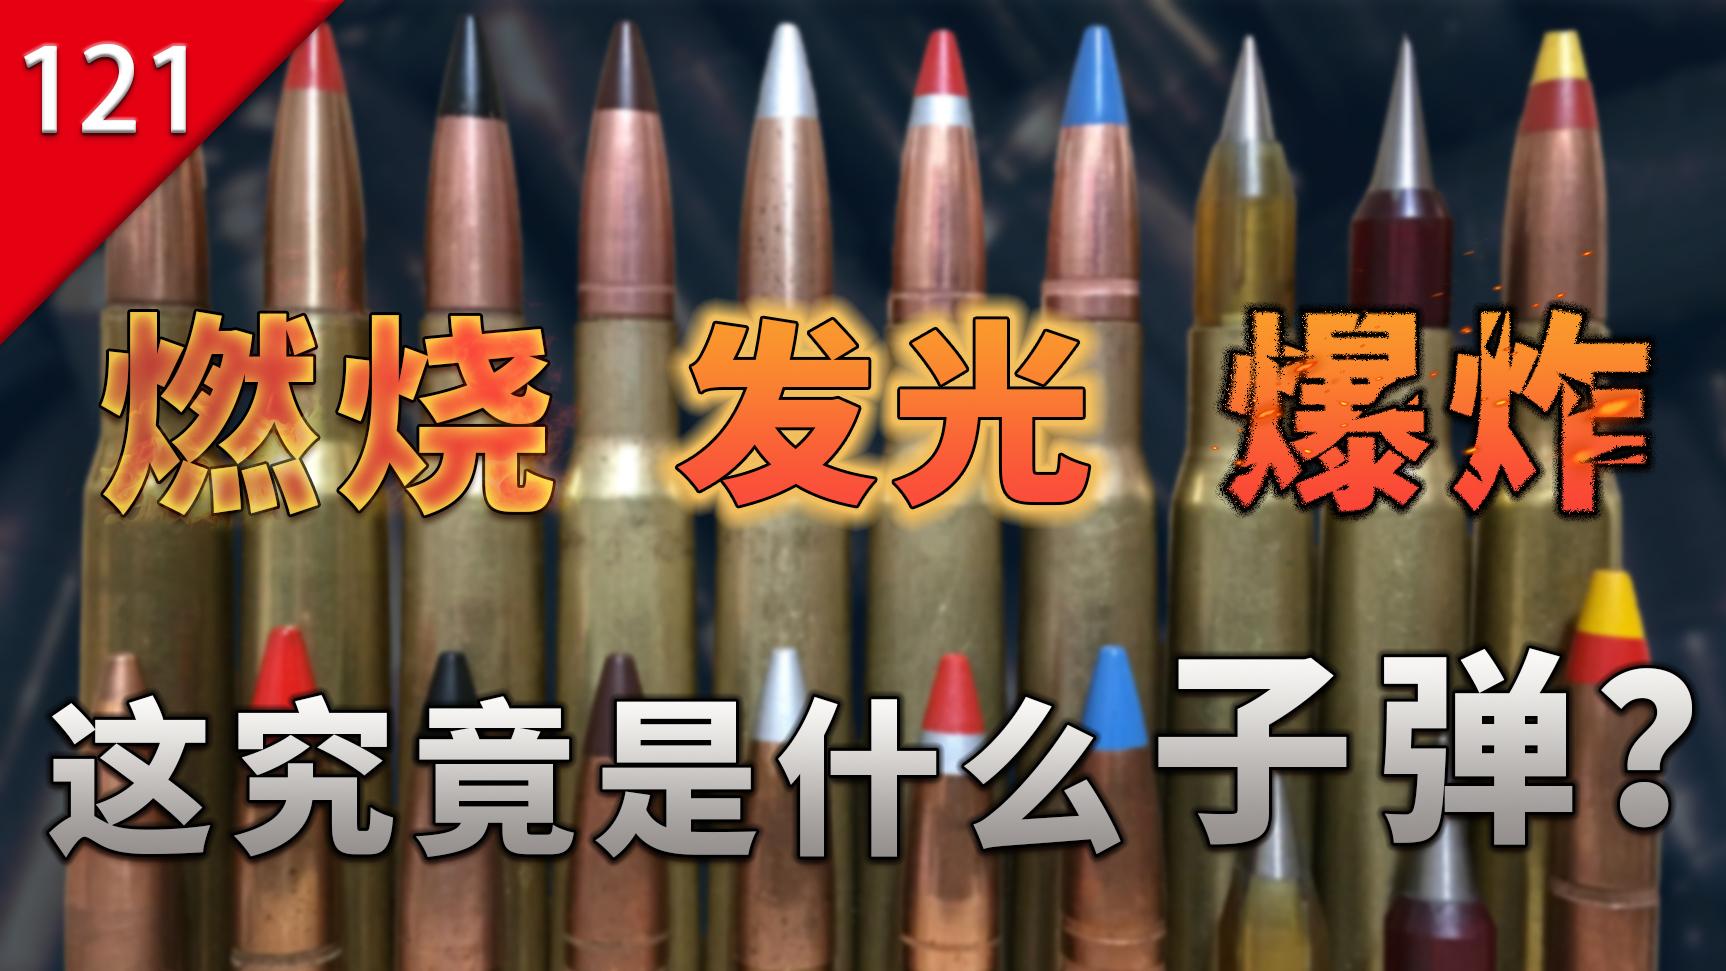 【不止游戏】燃烧!发光!爆炸!这些究竟是什么子弹?